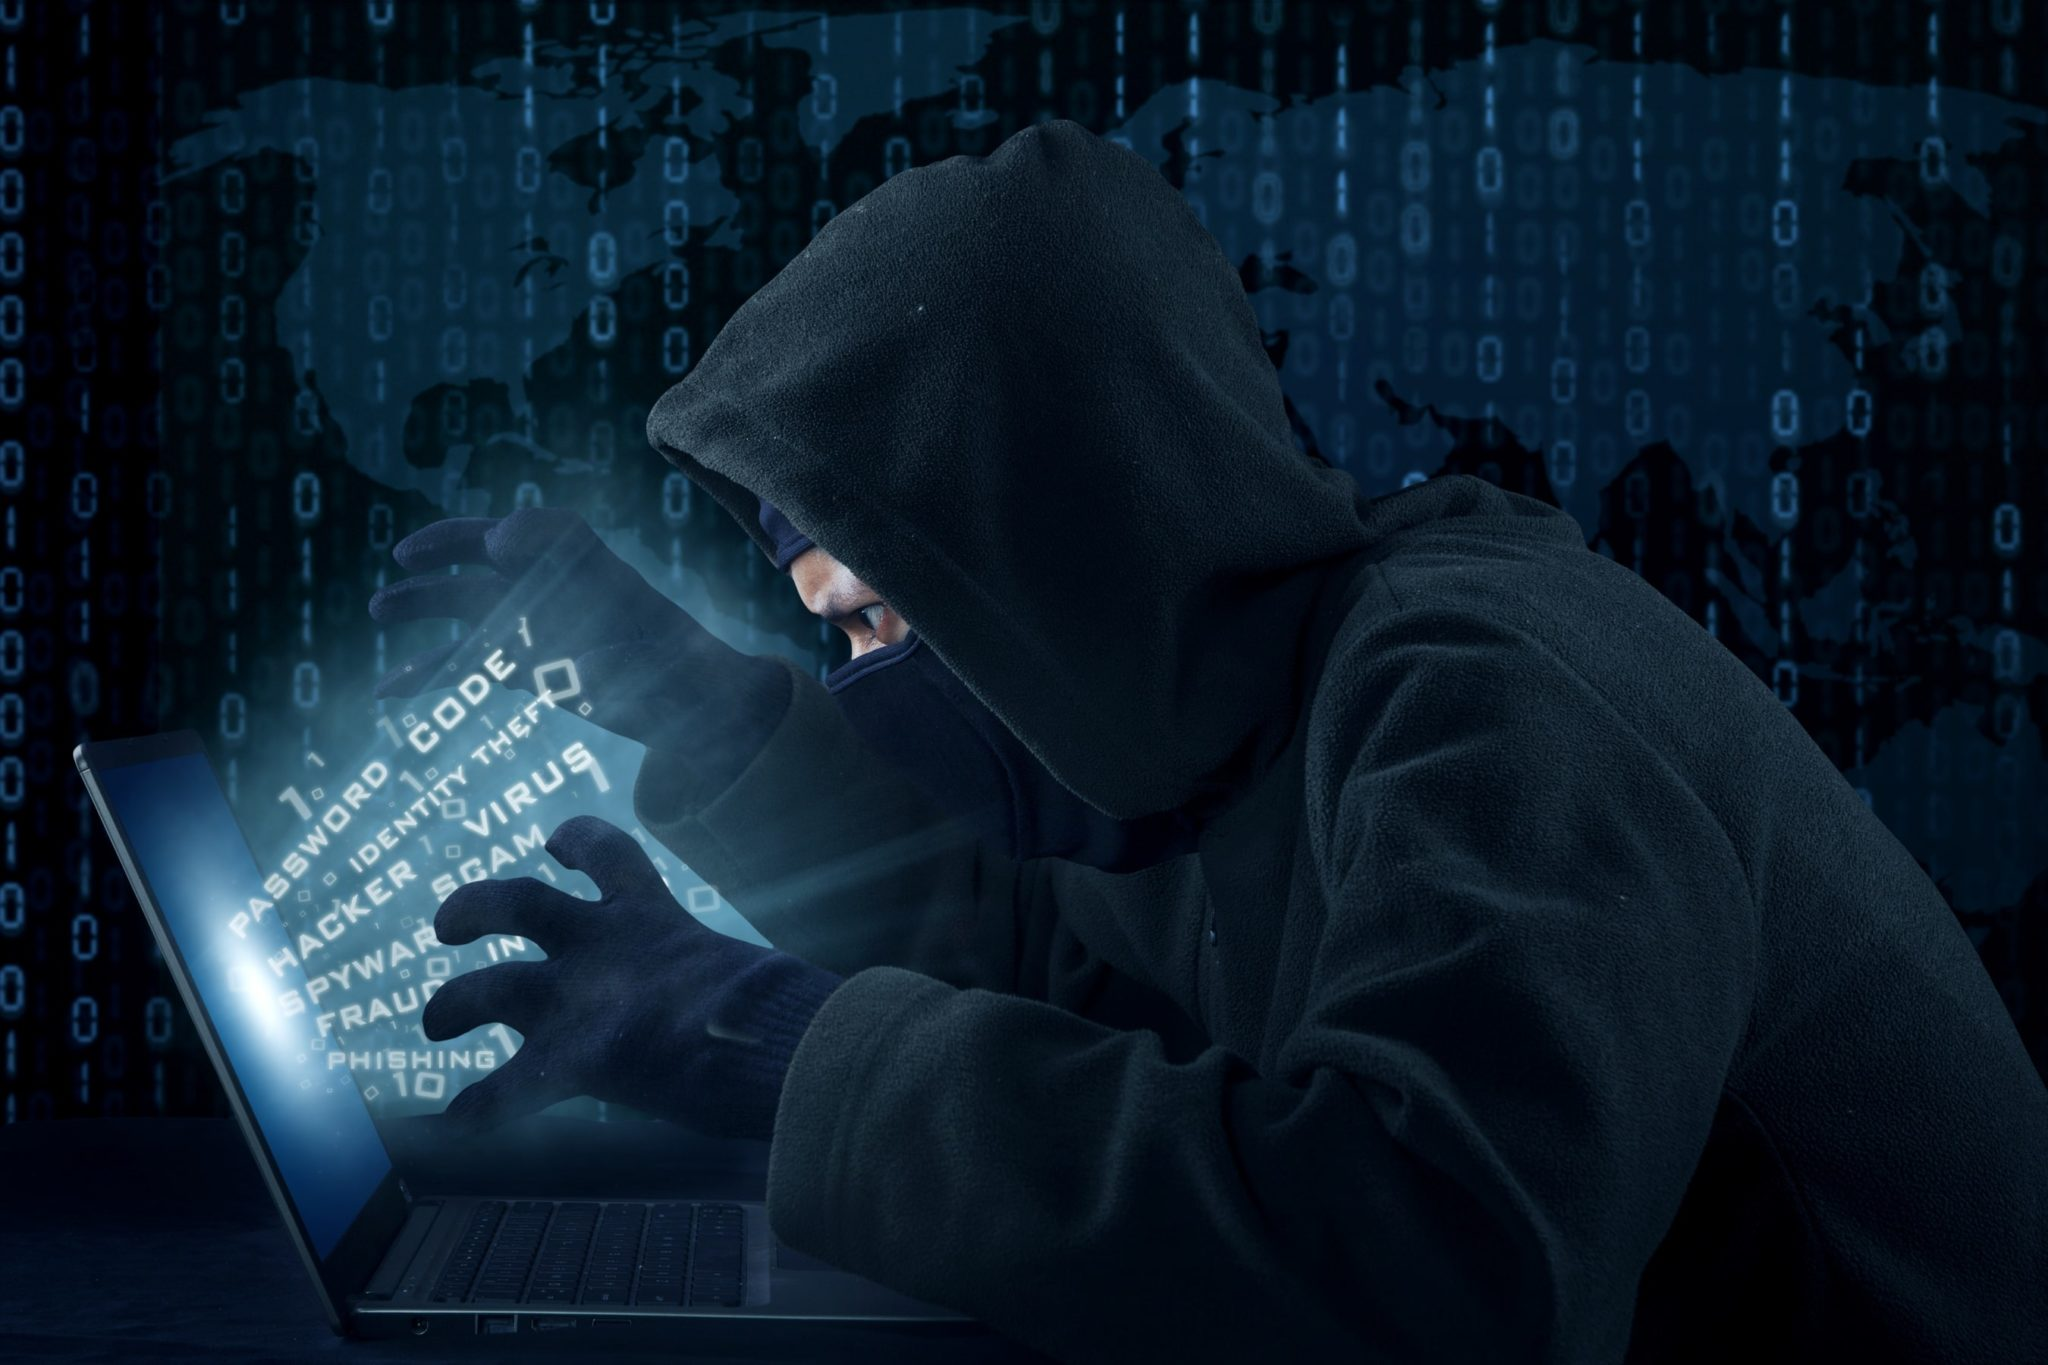 Japanse exchange Zaif voor 60 miljoen gehackt